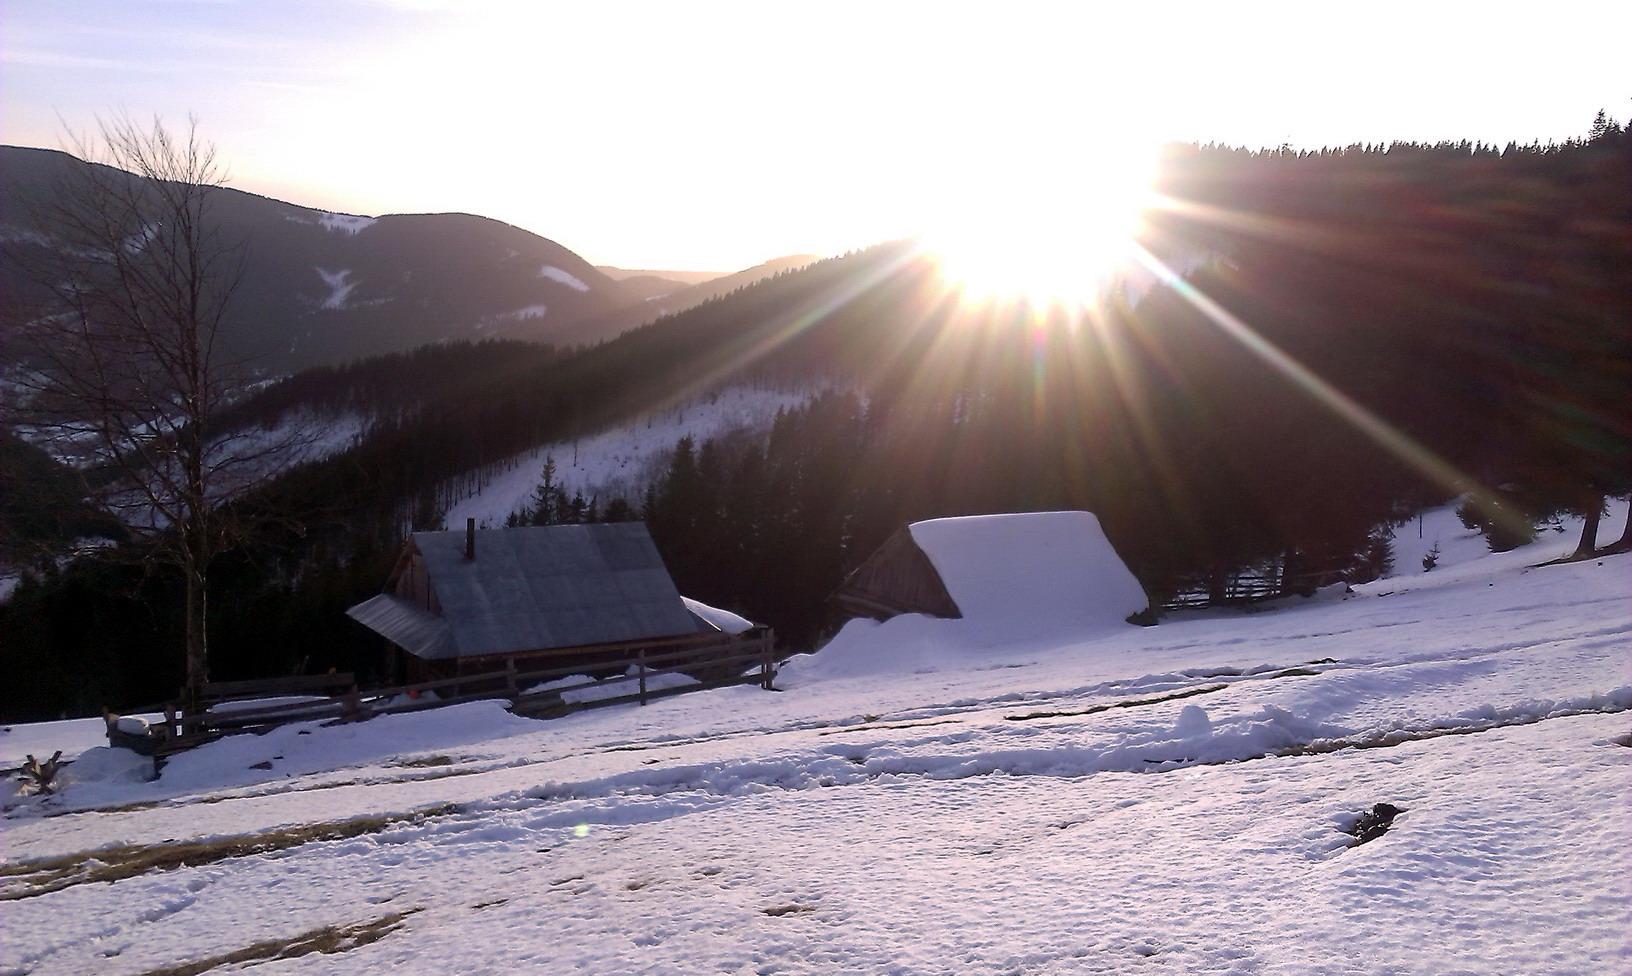 16:30. Сонце зараз сховається. Не за гору, а за хмару. Ще півтори години - і будемо внизу, біля машин.